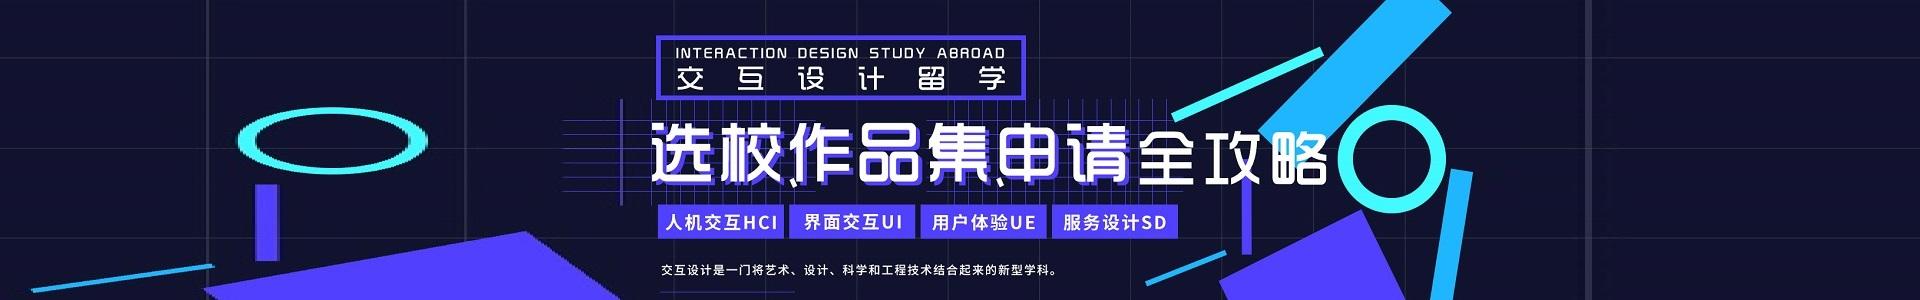 深圳艺术留学作品集机构哪个好